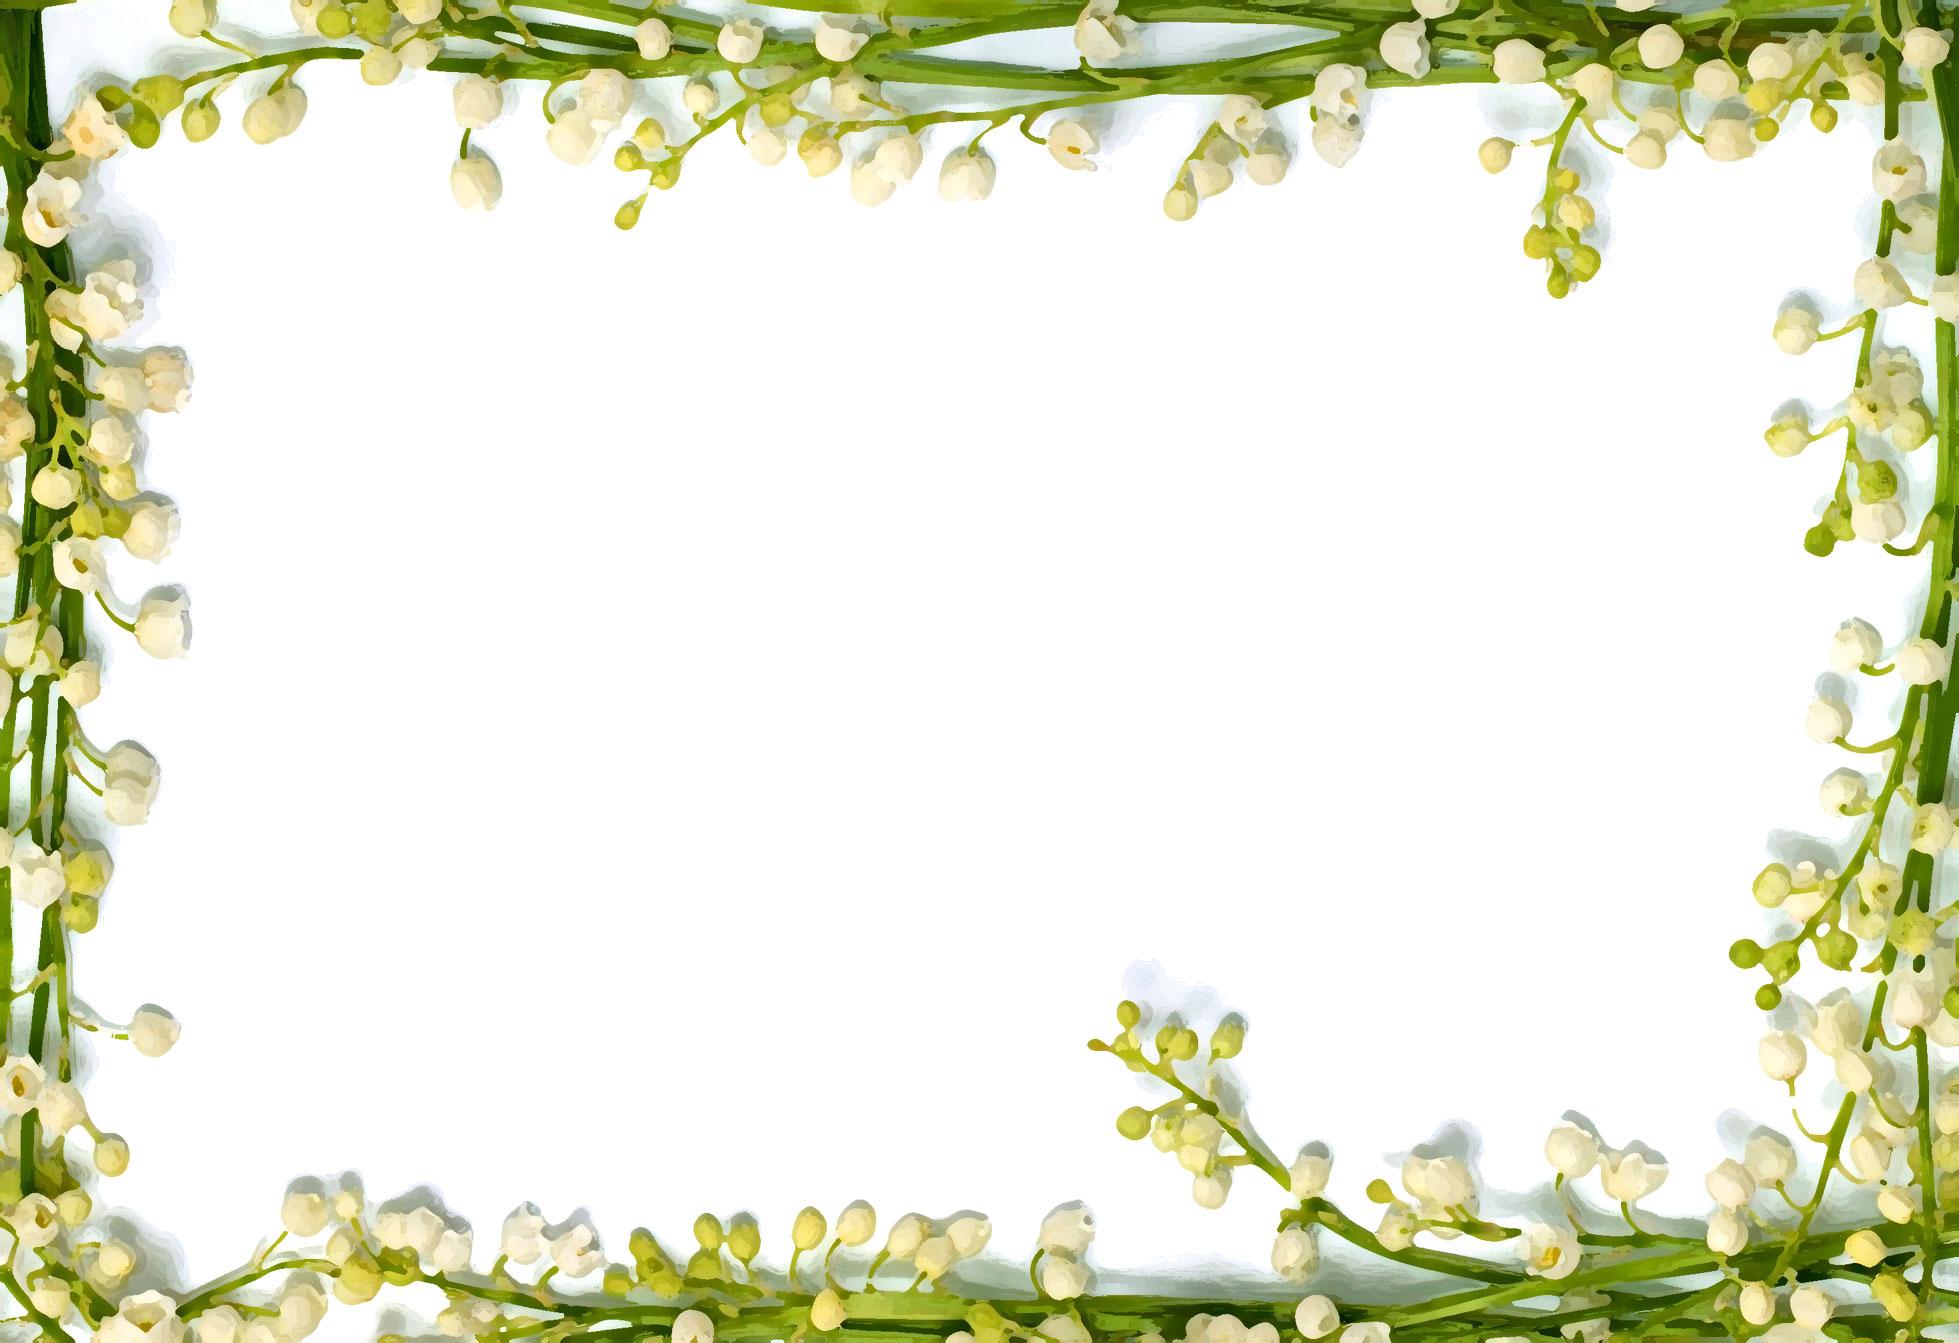 花のイラスト・フリー素材/フレーム枠no.700『スズラン・白・茎の窓』